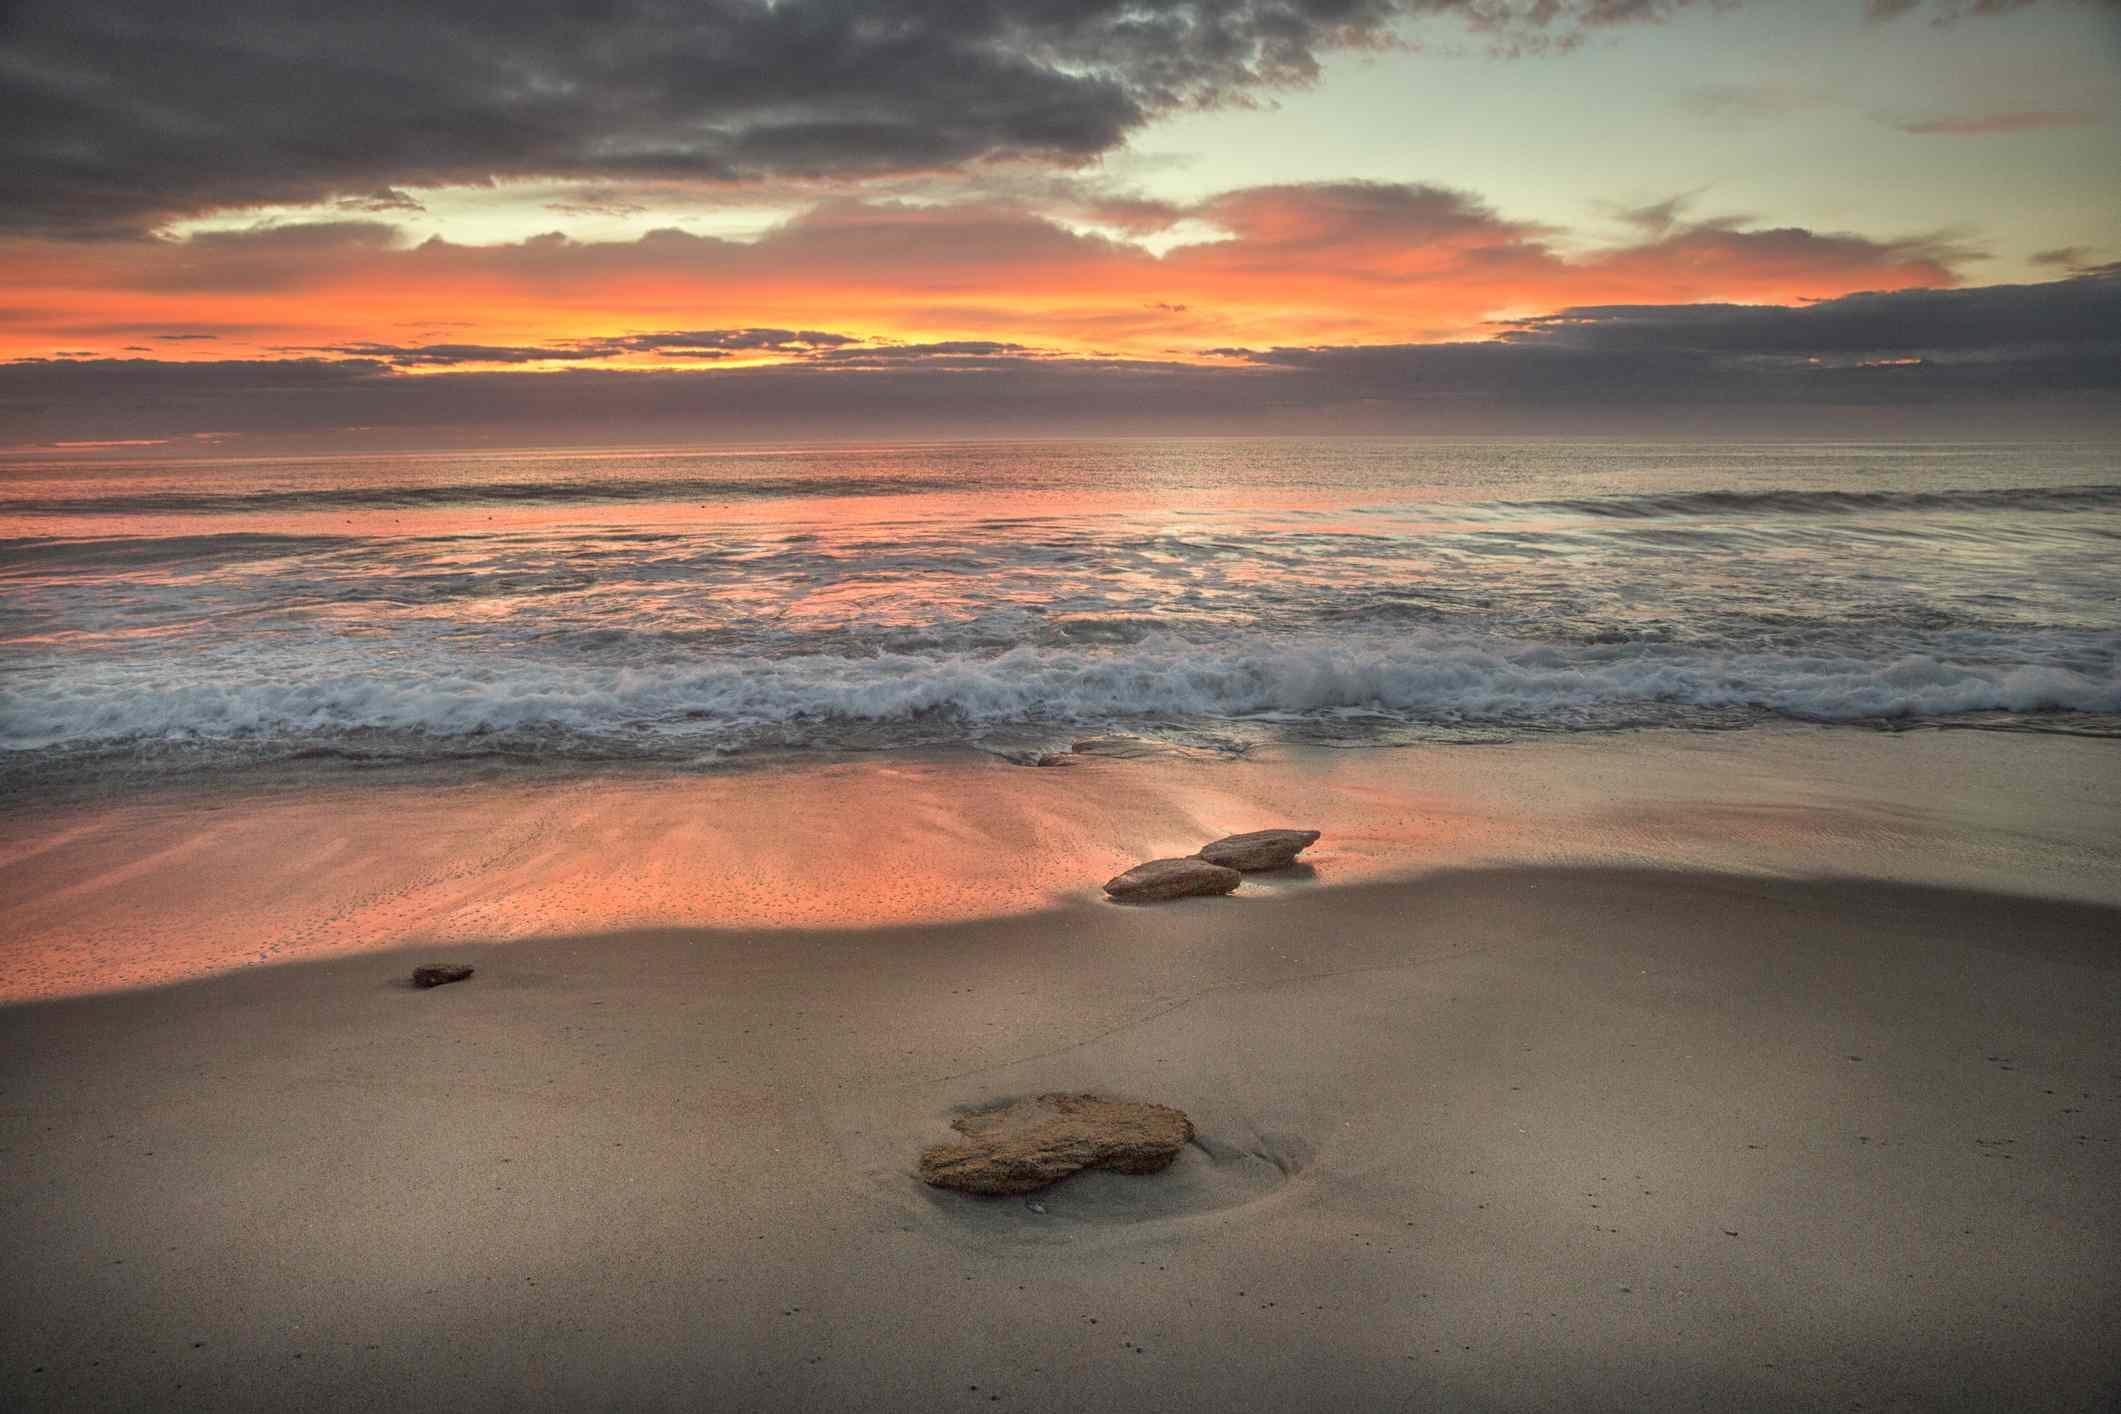 Sunrise at Kure Beach